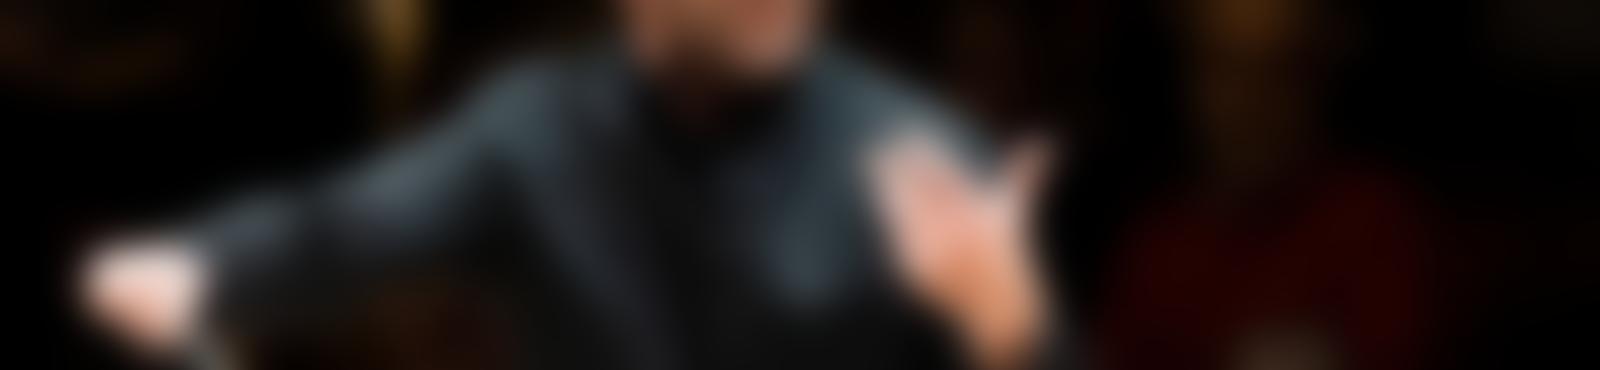 Blurred 7c748c2a da08 4906 a75f 3767ec6373f7